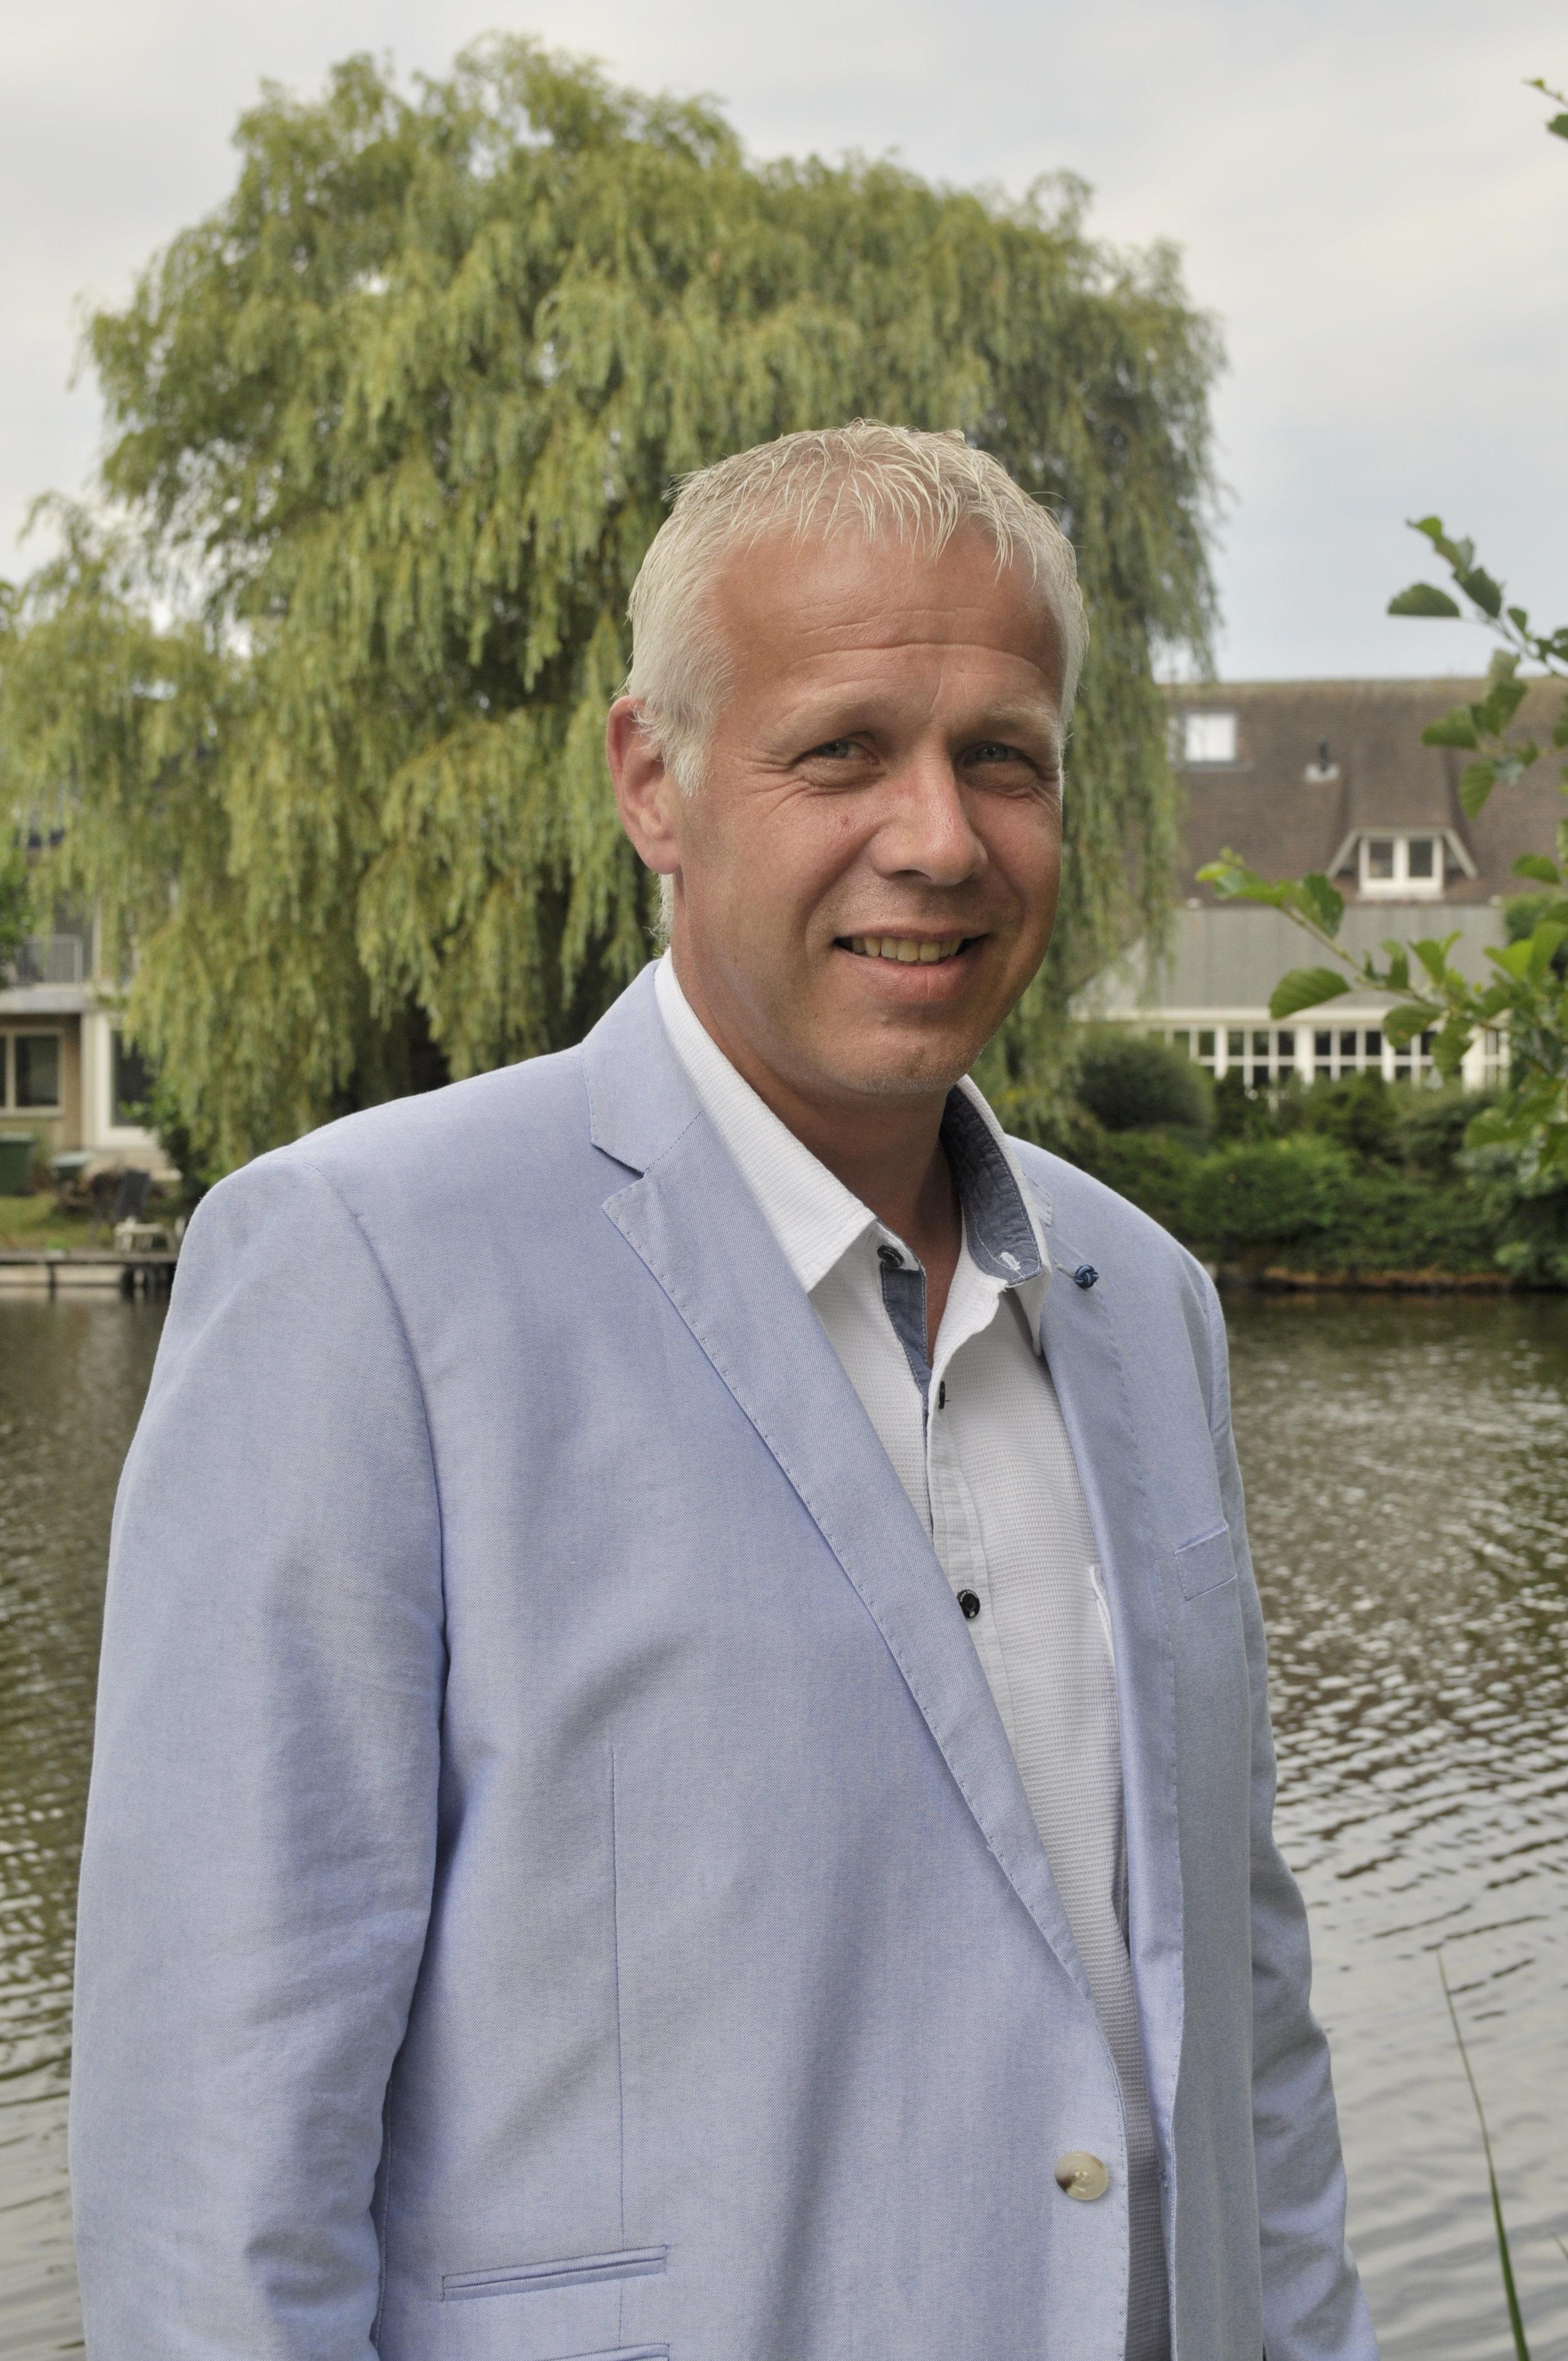 Nico van der Houwen